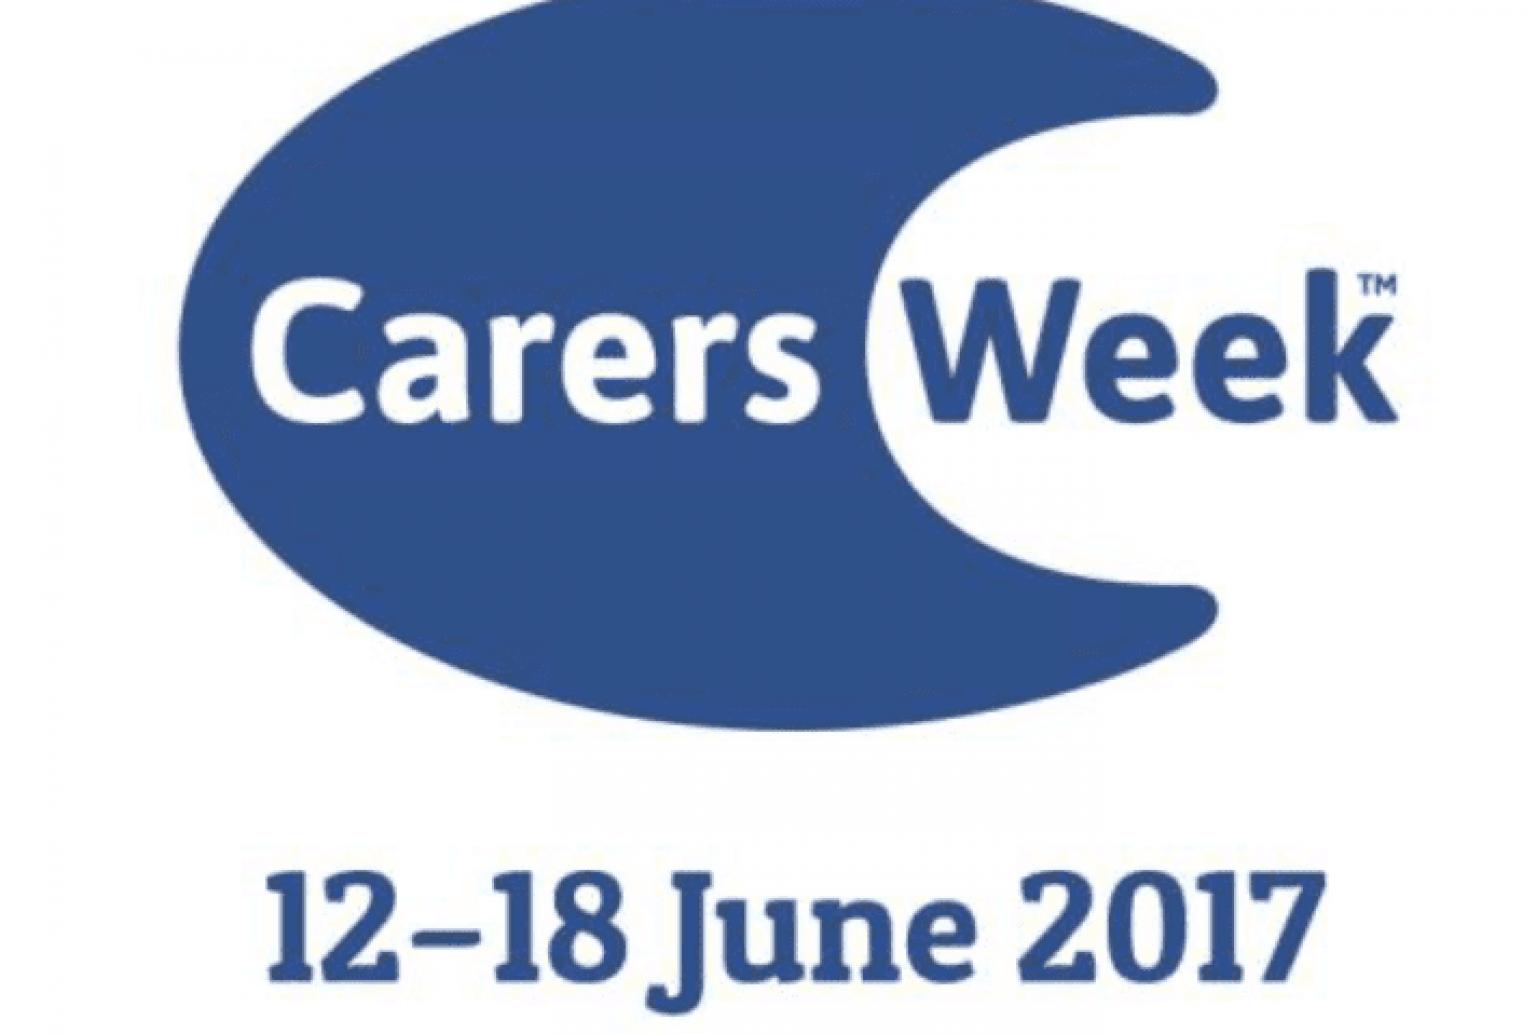 carers-week-2017